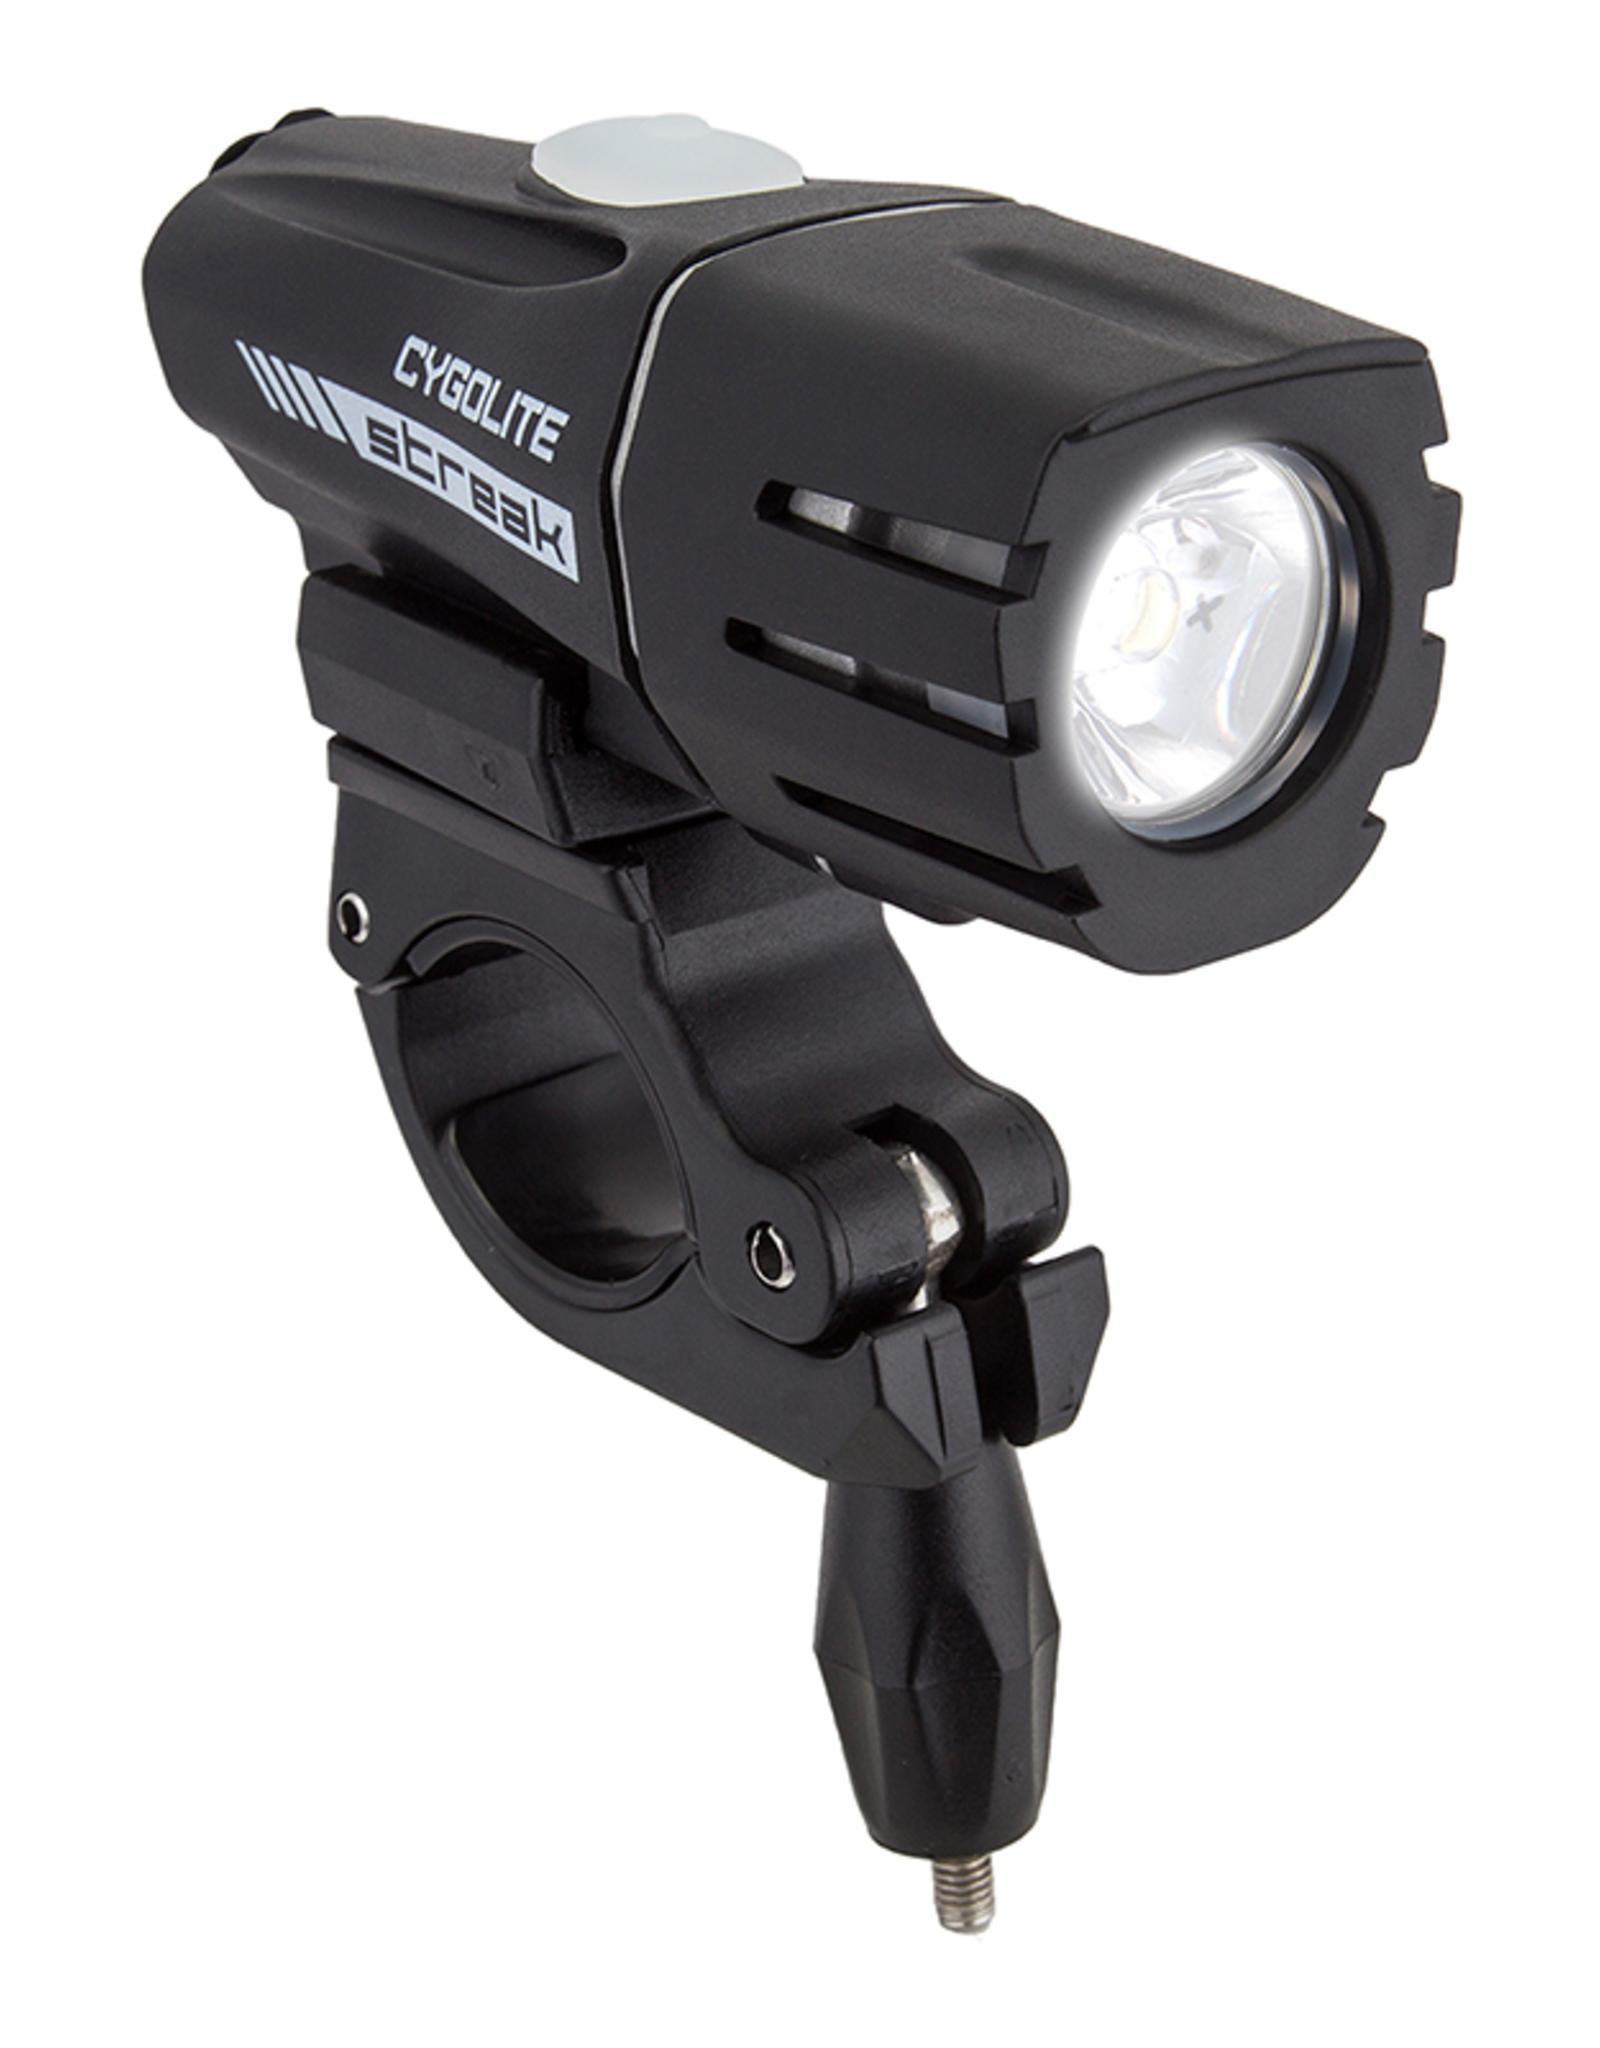 Cygolite Cygolite Streak 450 Lumen Rechargeable Headlight